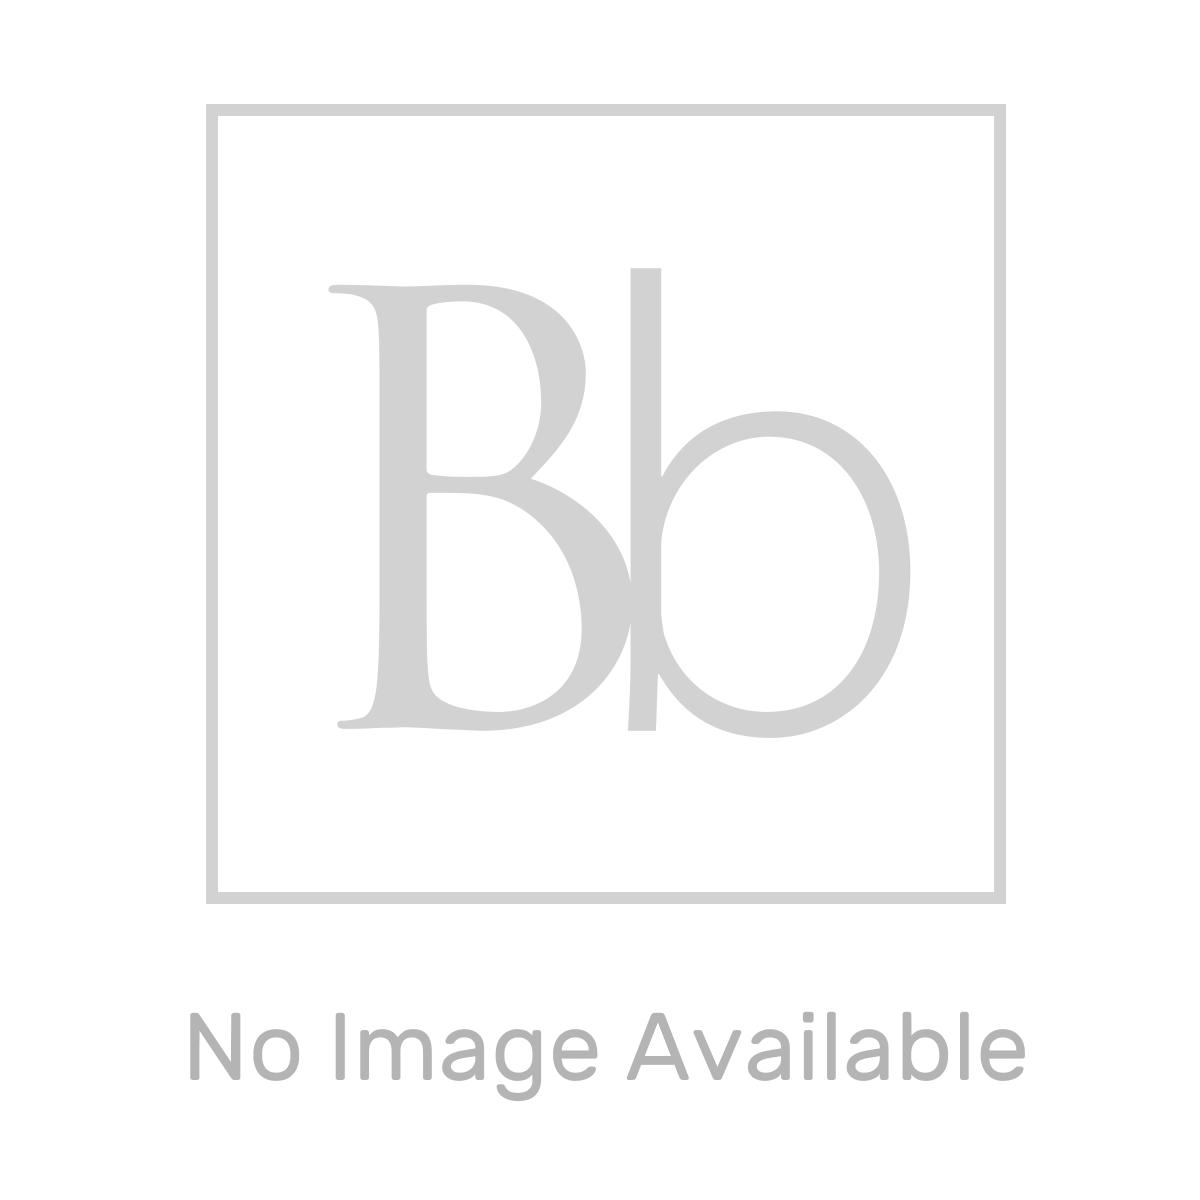 Nuie Athena Gloss Grey 2 Door Floor Standing Unit with Basin